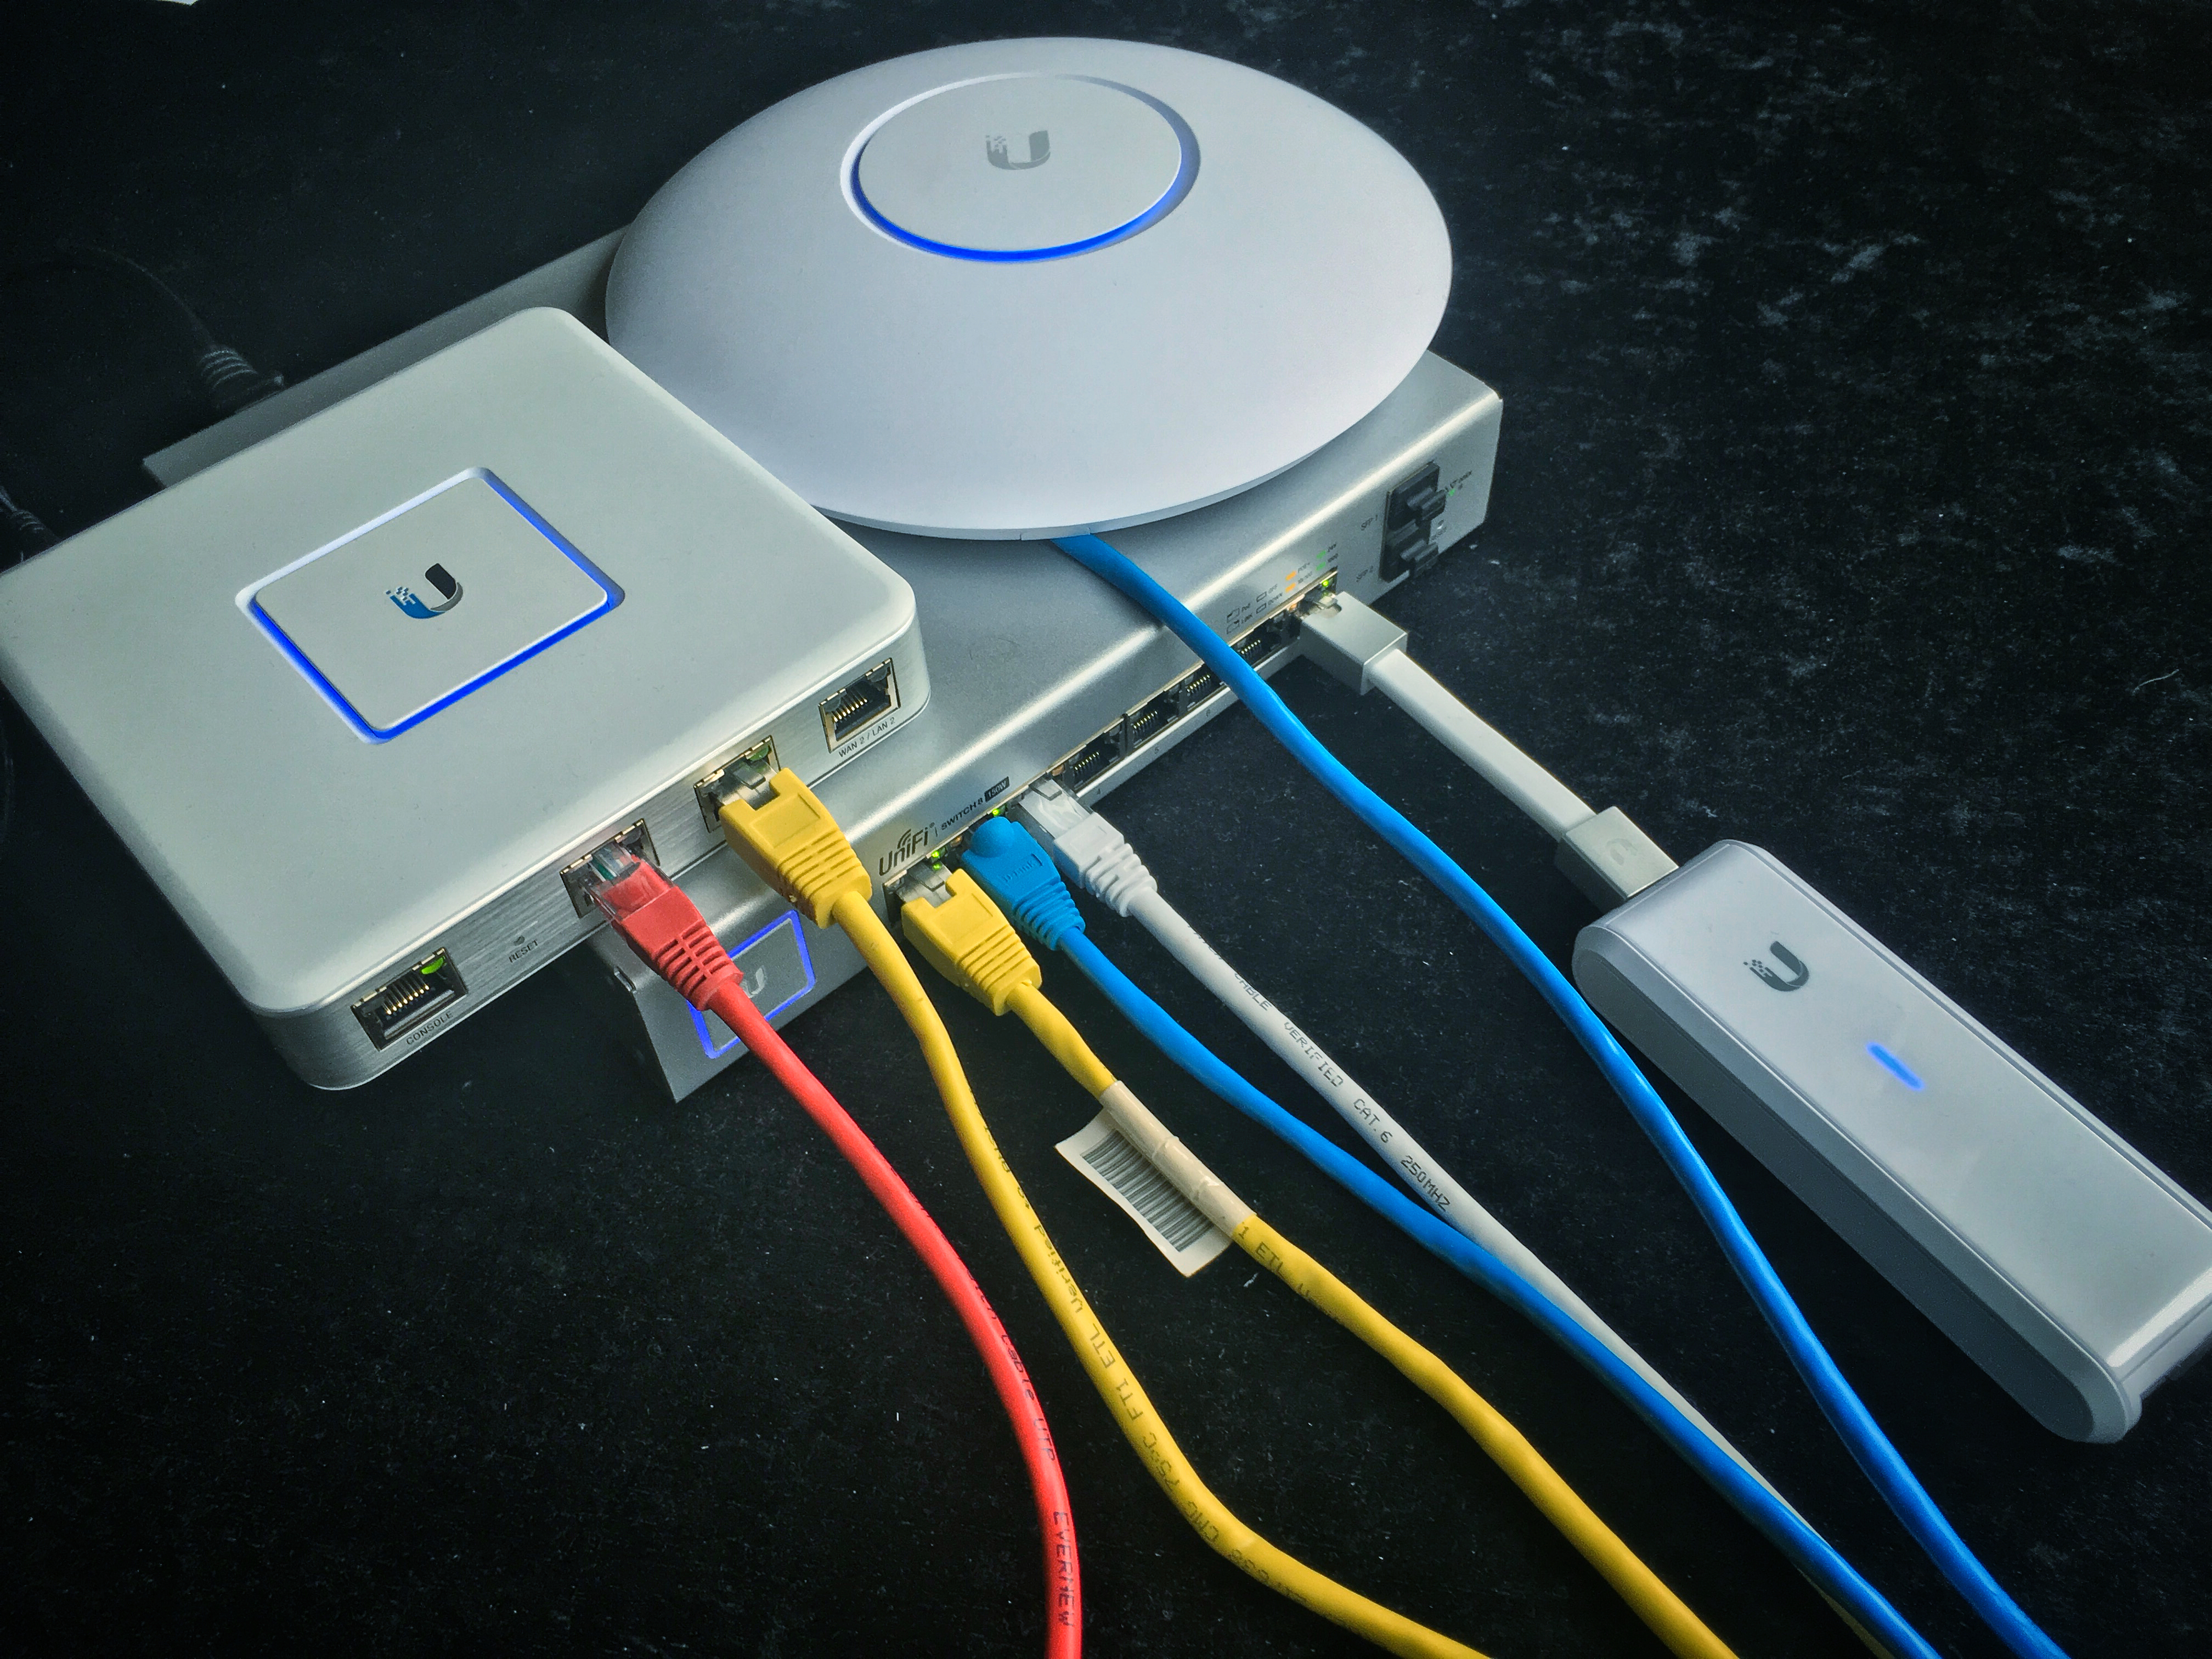 Ubiquiti UniFi - Inkoppling av enheter